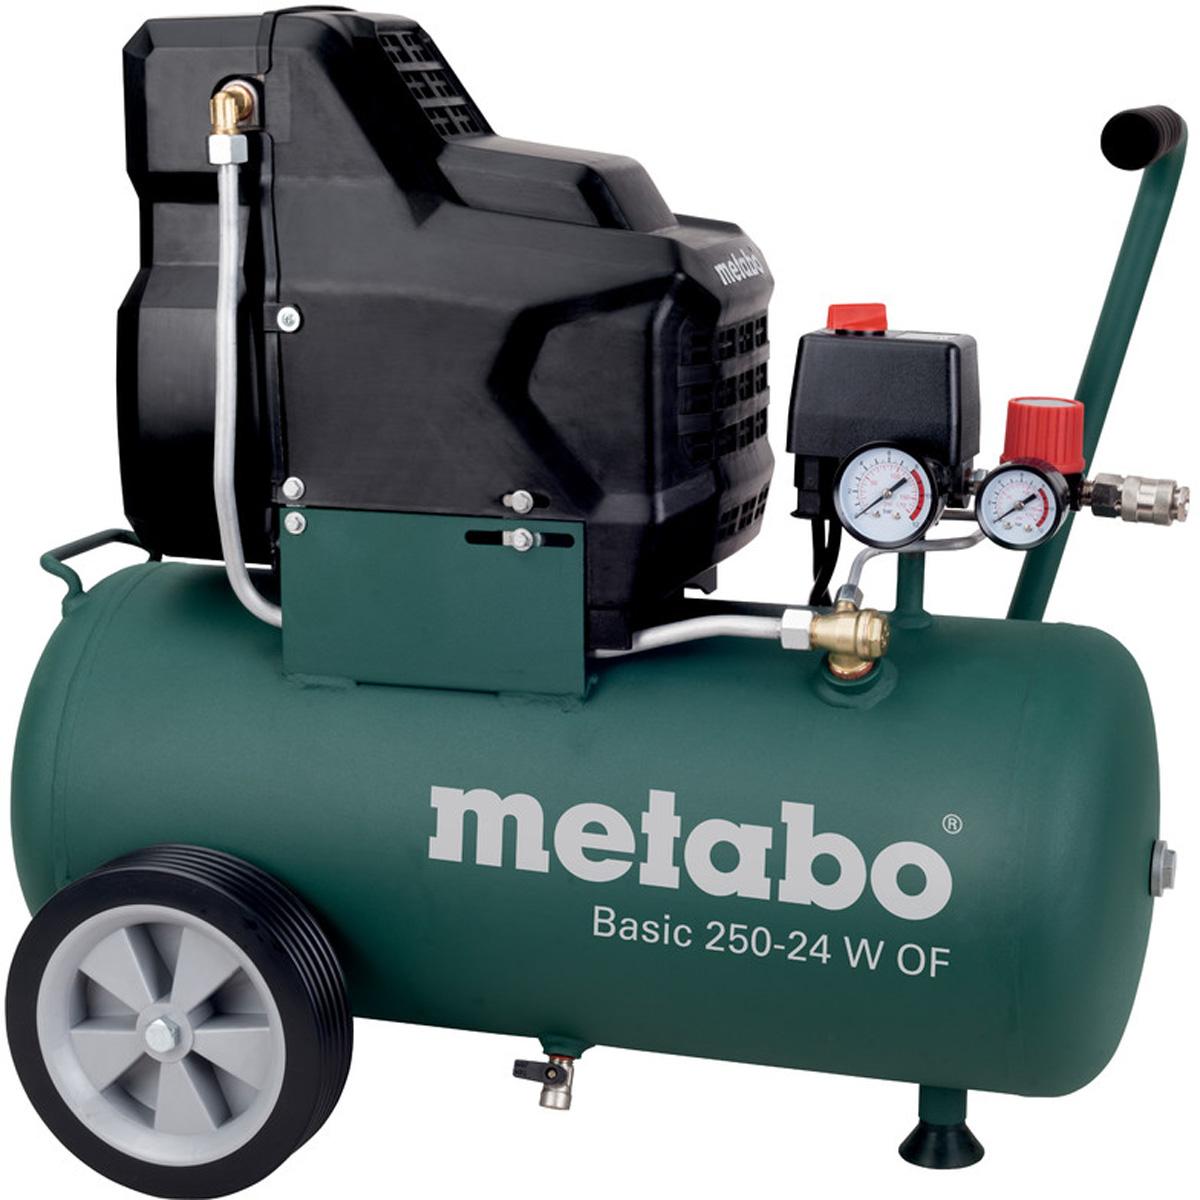 Компрессор Metabo Basic250-24WOF, безмасляный, 120 л/мин601532000Безмасляный компрессор Metabo Basic 250-24 W работает отэлектрической сети напряжением 220 В. Длина кабелясоставляет 1,5 метра. Отличается чистым воздухом, который несодержит каких-либо примесей. Предназначен для нагнетаниясжатого воздуха в различный пневмоинструмент в медицине,косметической индустрии и при покрасочных работах. Опорнаяножка обеспечивает устойчивое положение, а резиноваяподушечка снижает вибрации во время работы.